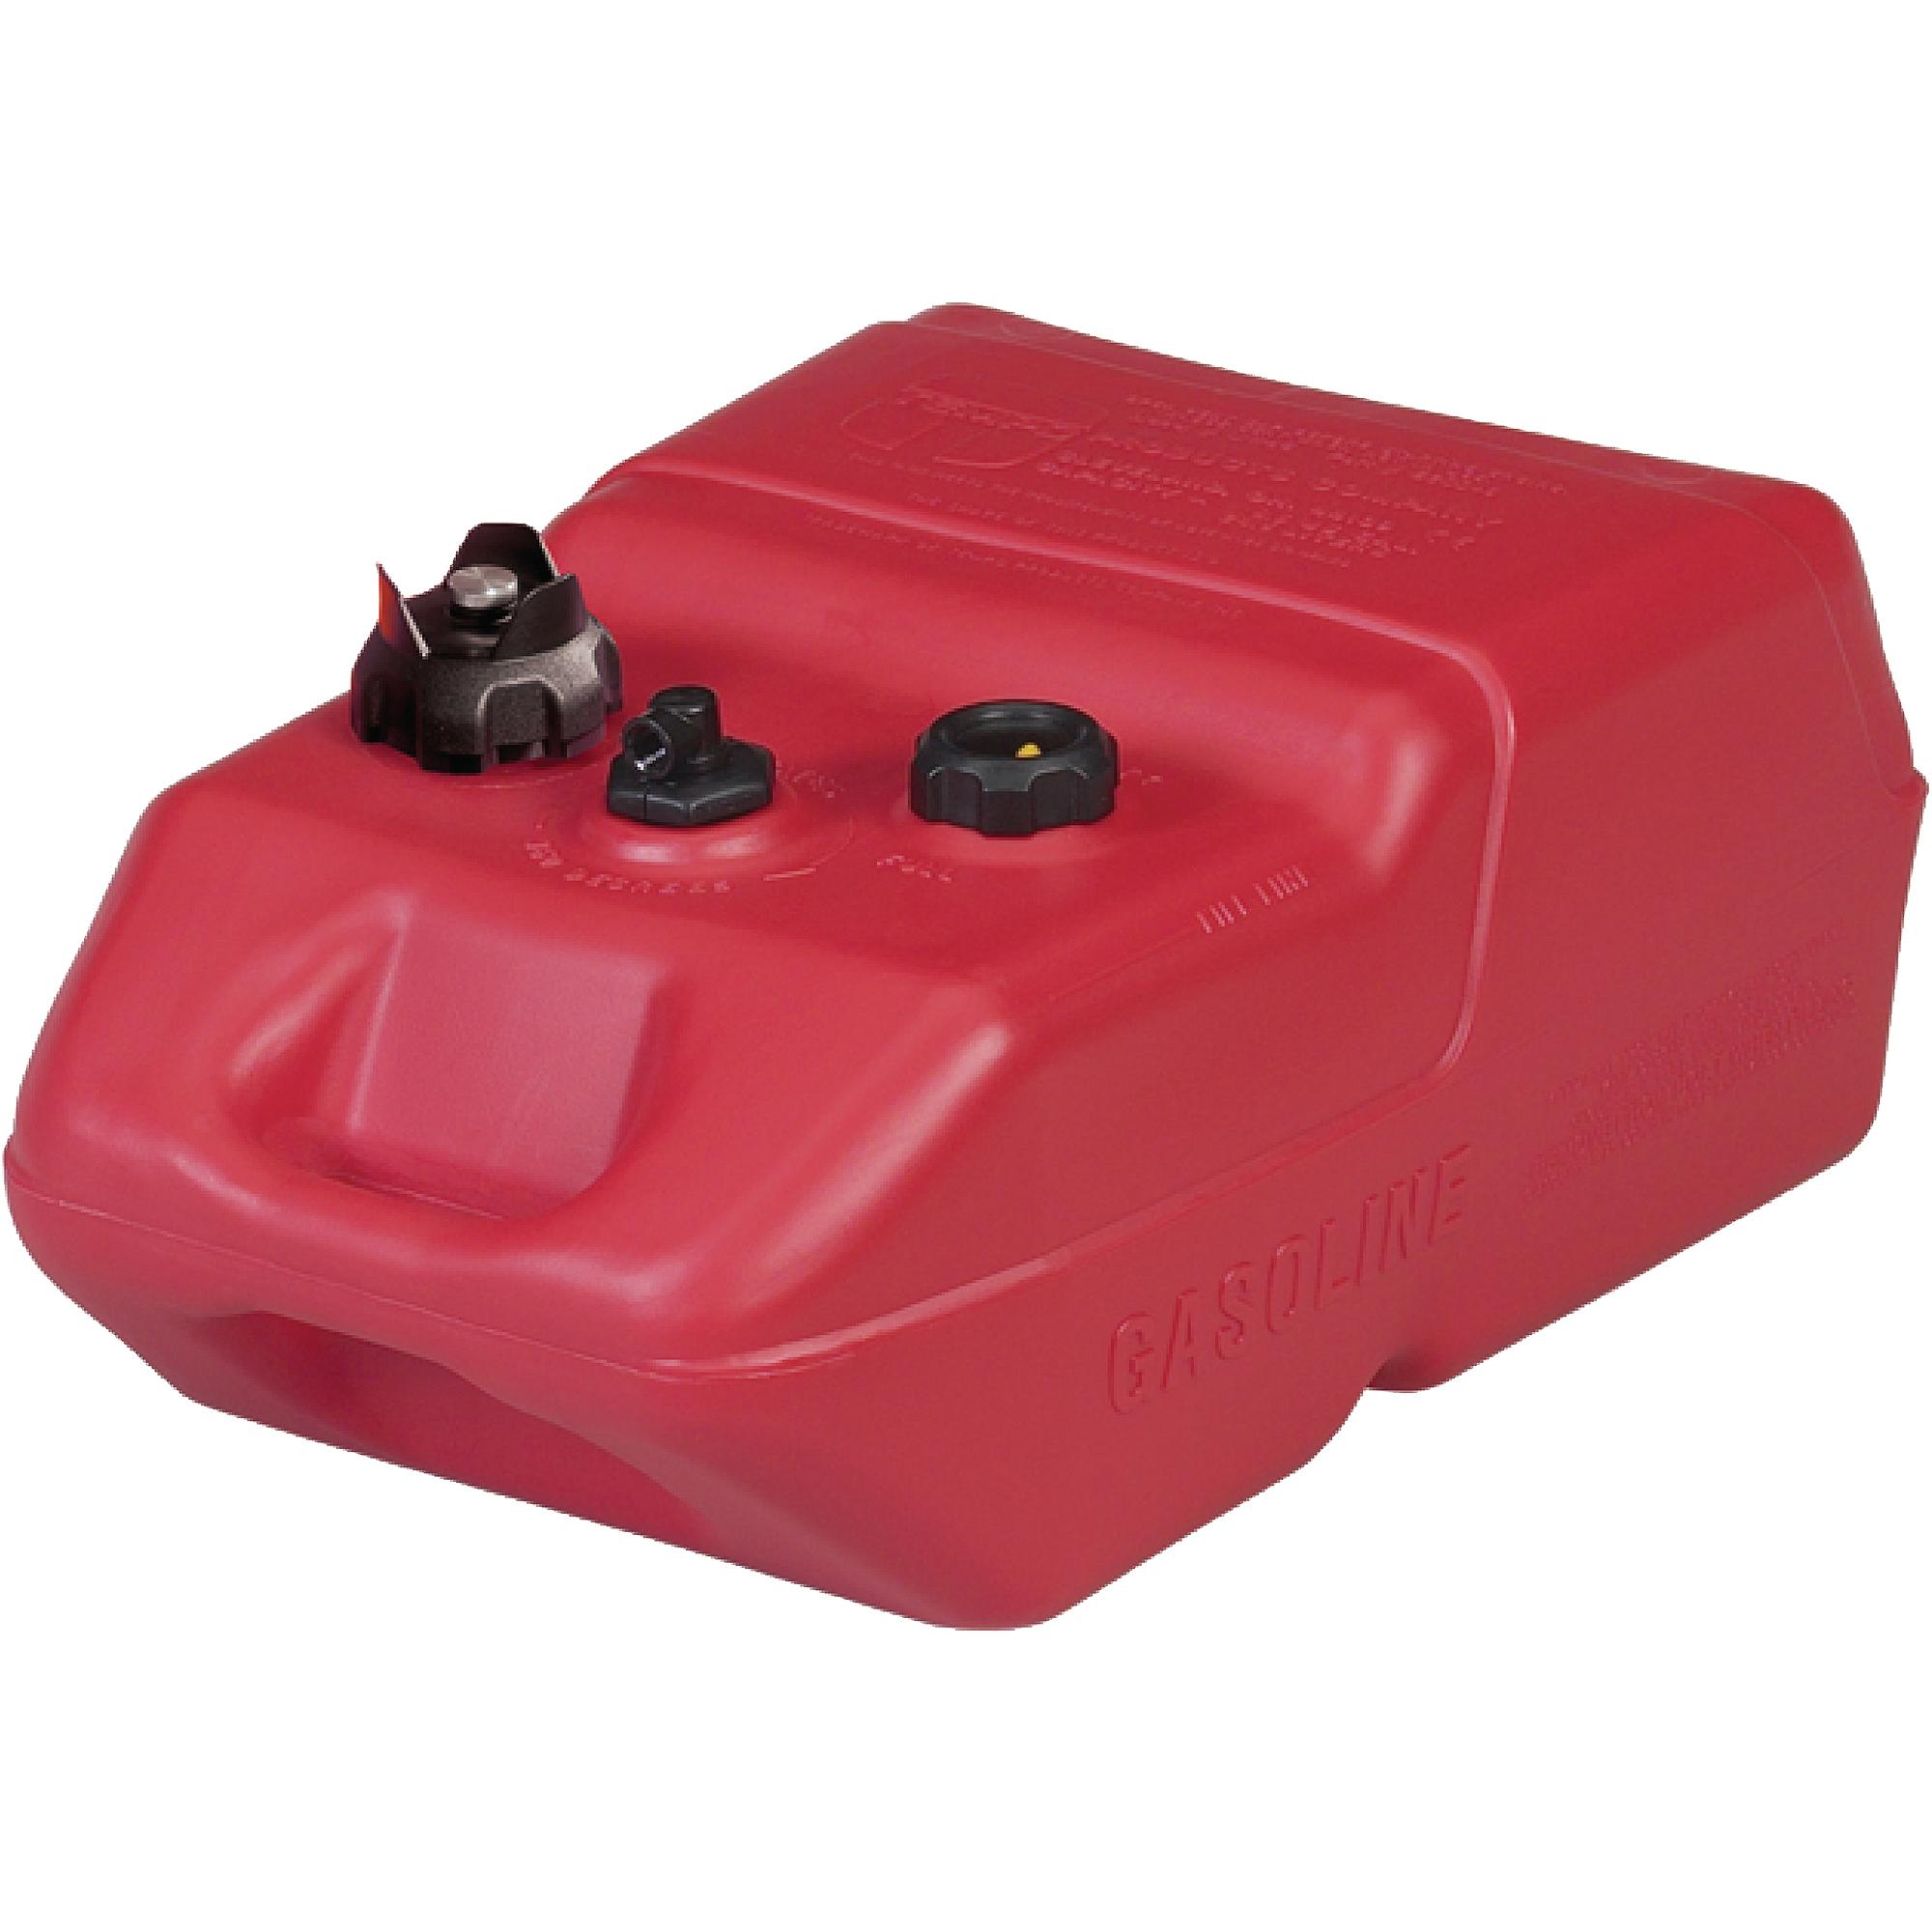 Moeller Low Perm Certified Fuel Tank, 6 Gallon